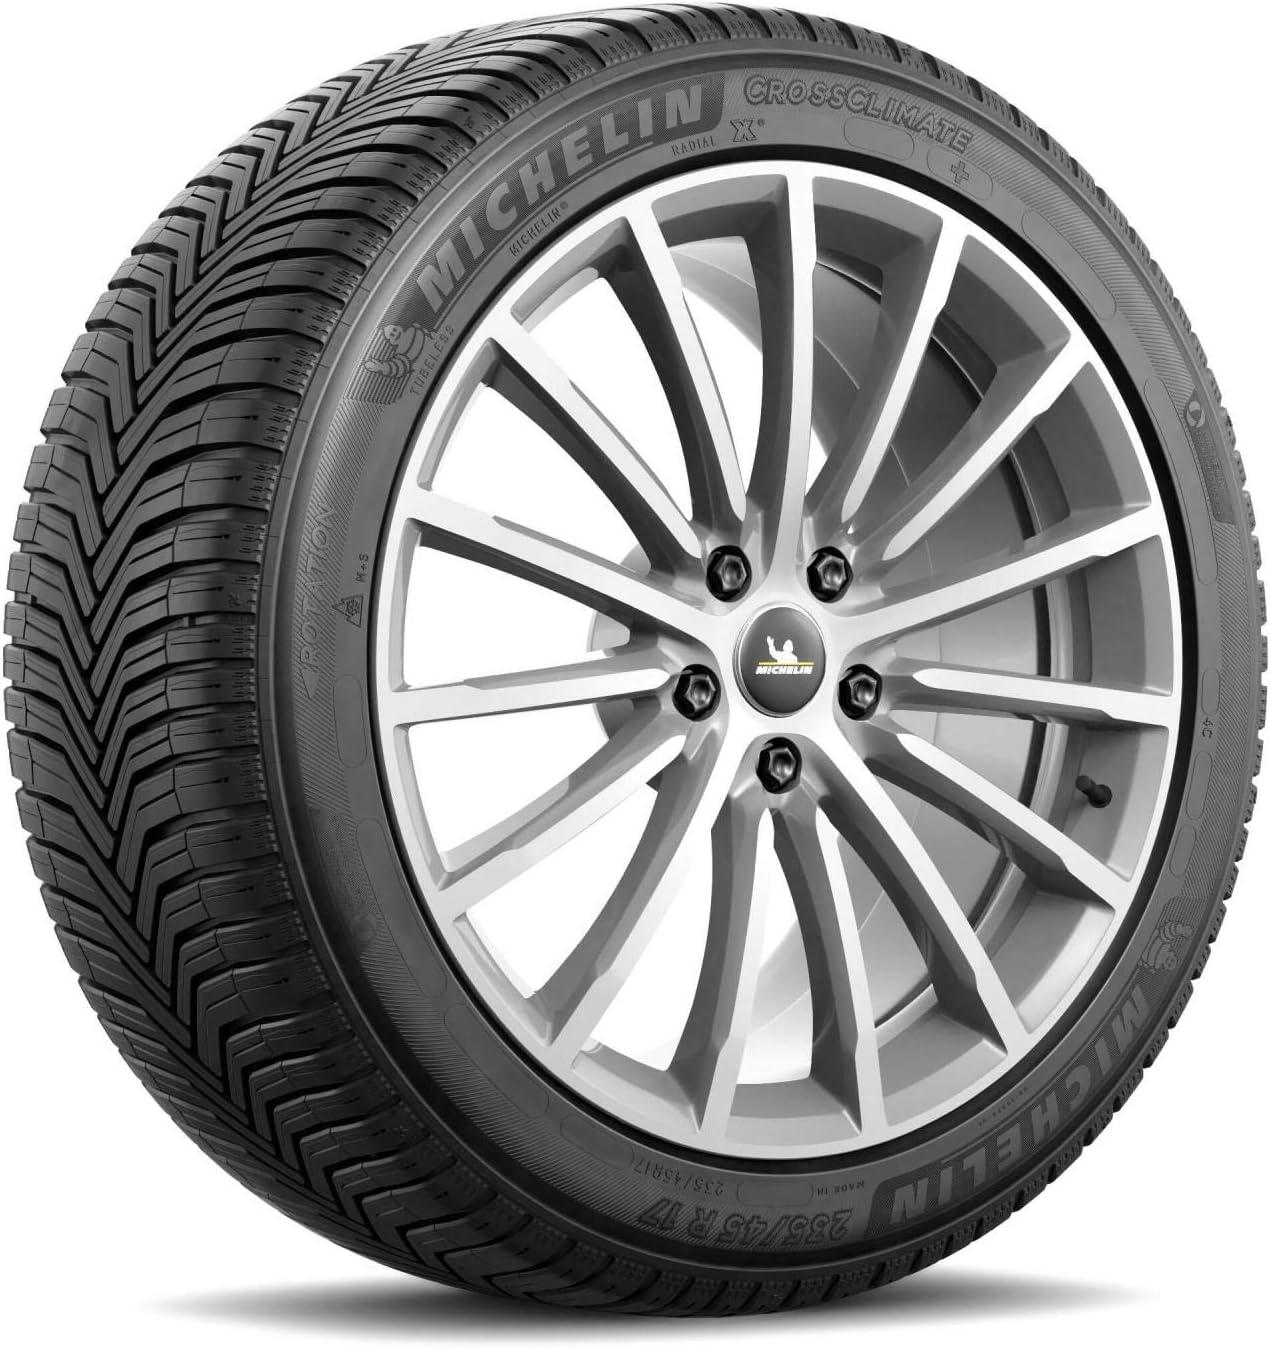 Reifen Alle Jahreszeiten Michelin Crossclimate 235 45 R17 97y Xl Bsw Auto